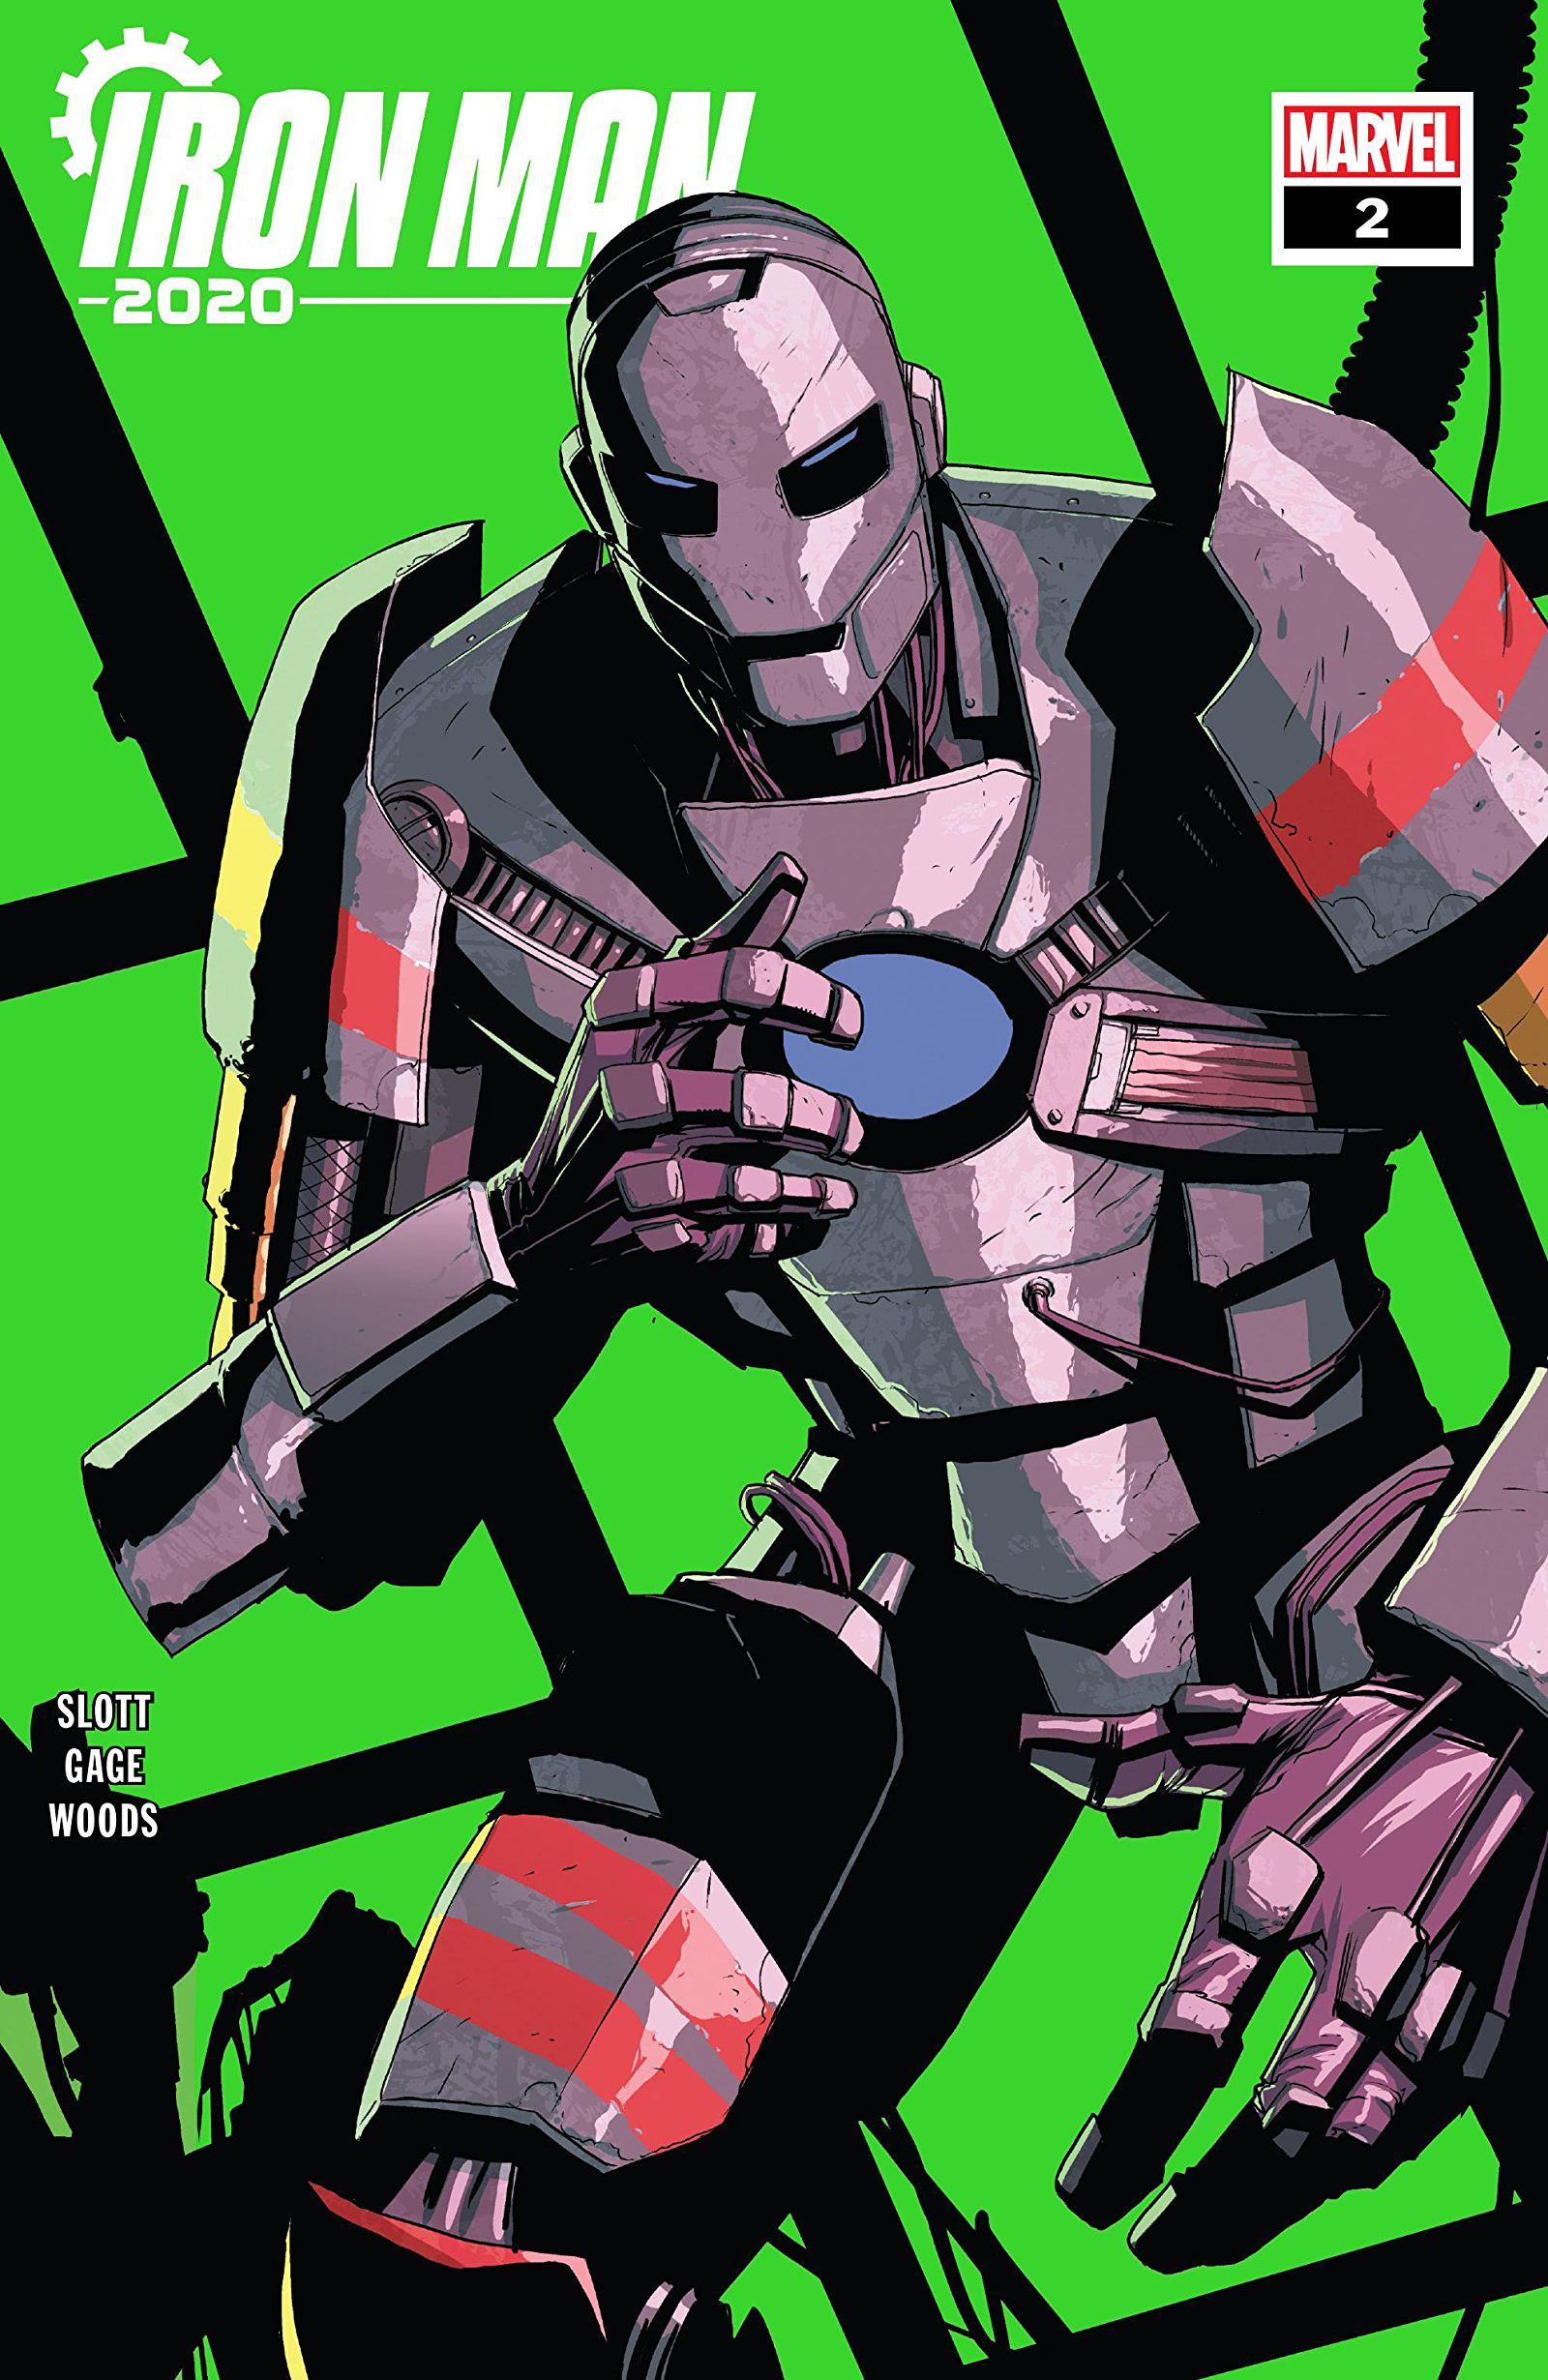 Iron Man 2020 Vol 2 2